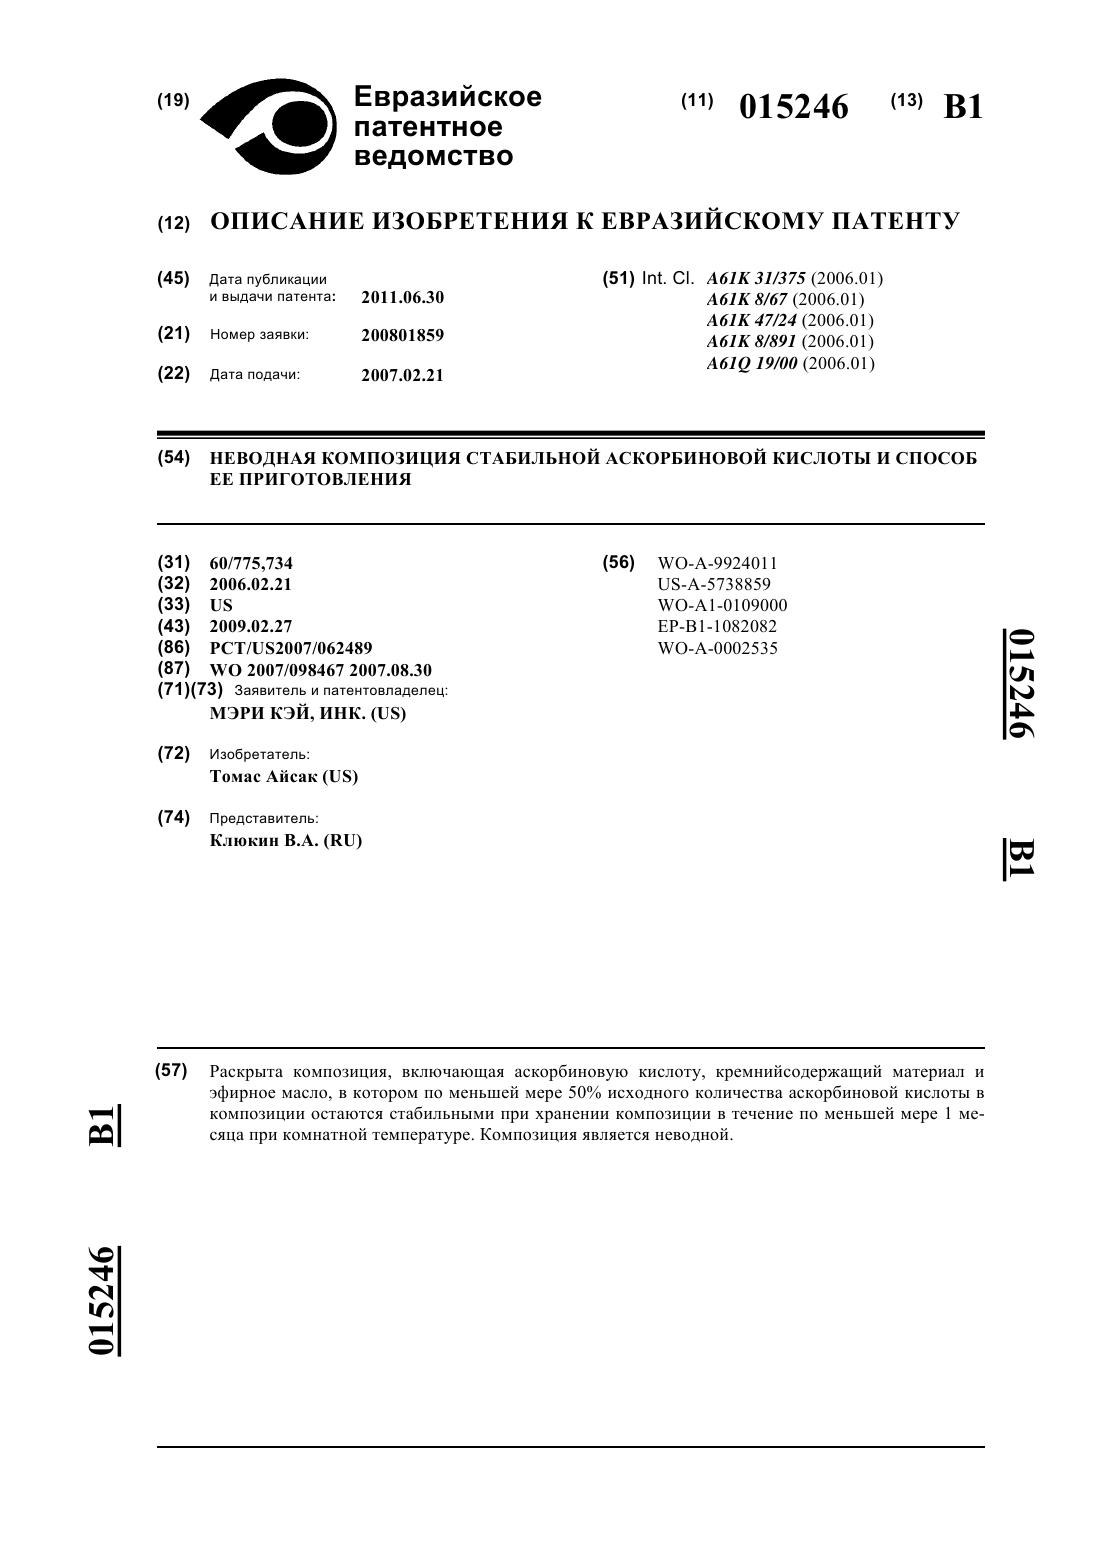 Электропривод переменной скорости перестановки (рычажный), степень защиты IP 55